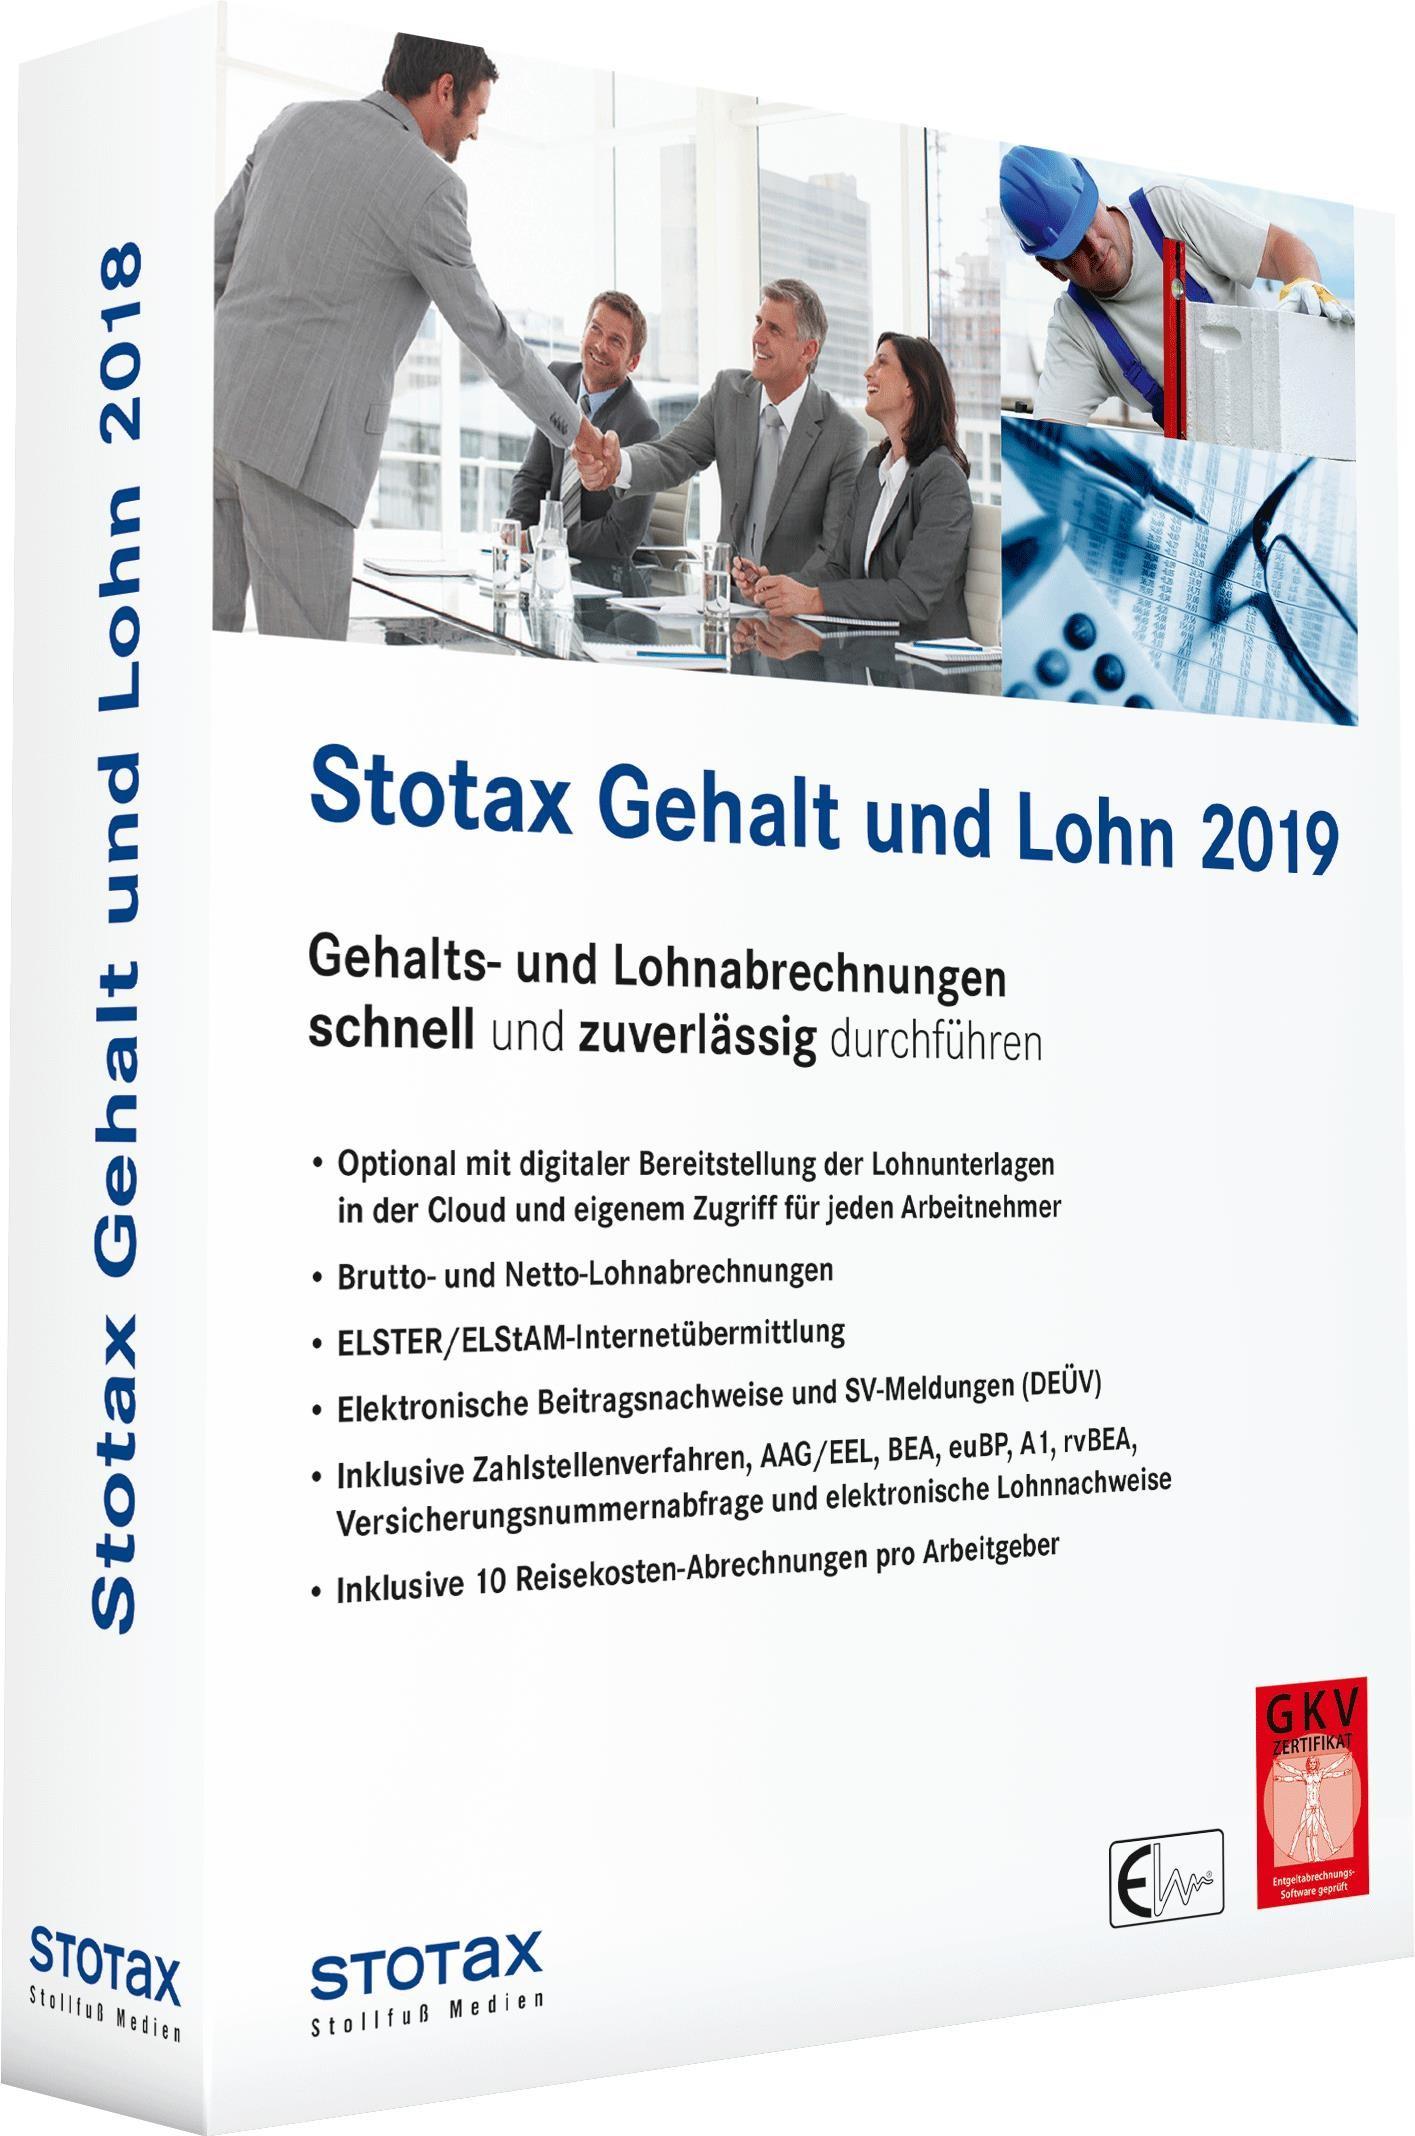 Stotax Gehalt und Lohn 2019, 2018 (Cover)